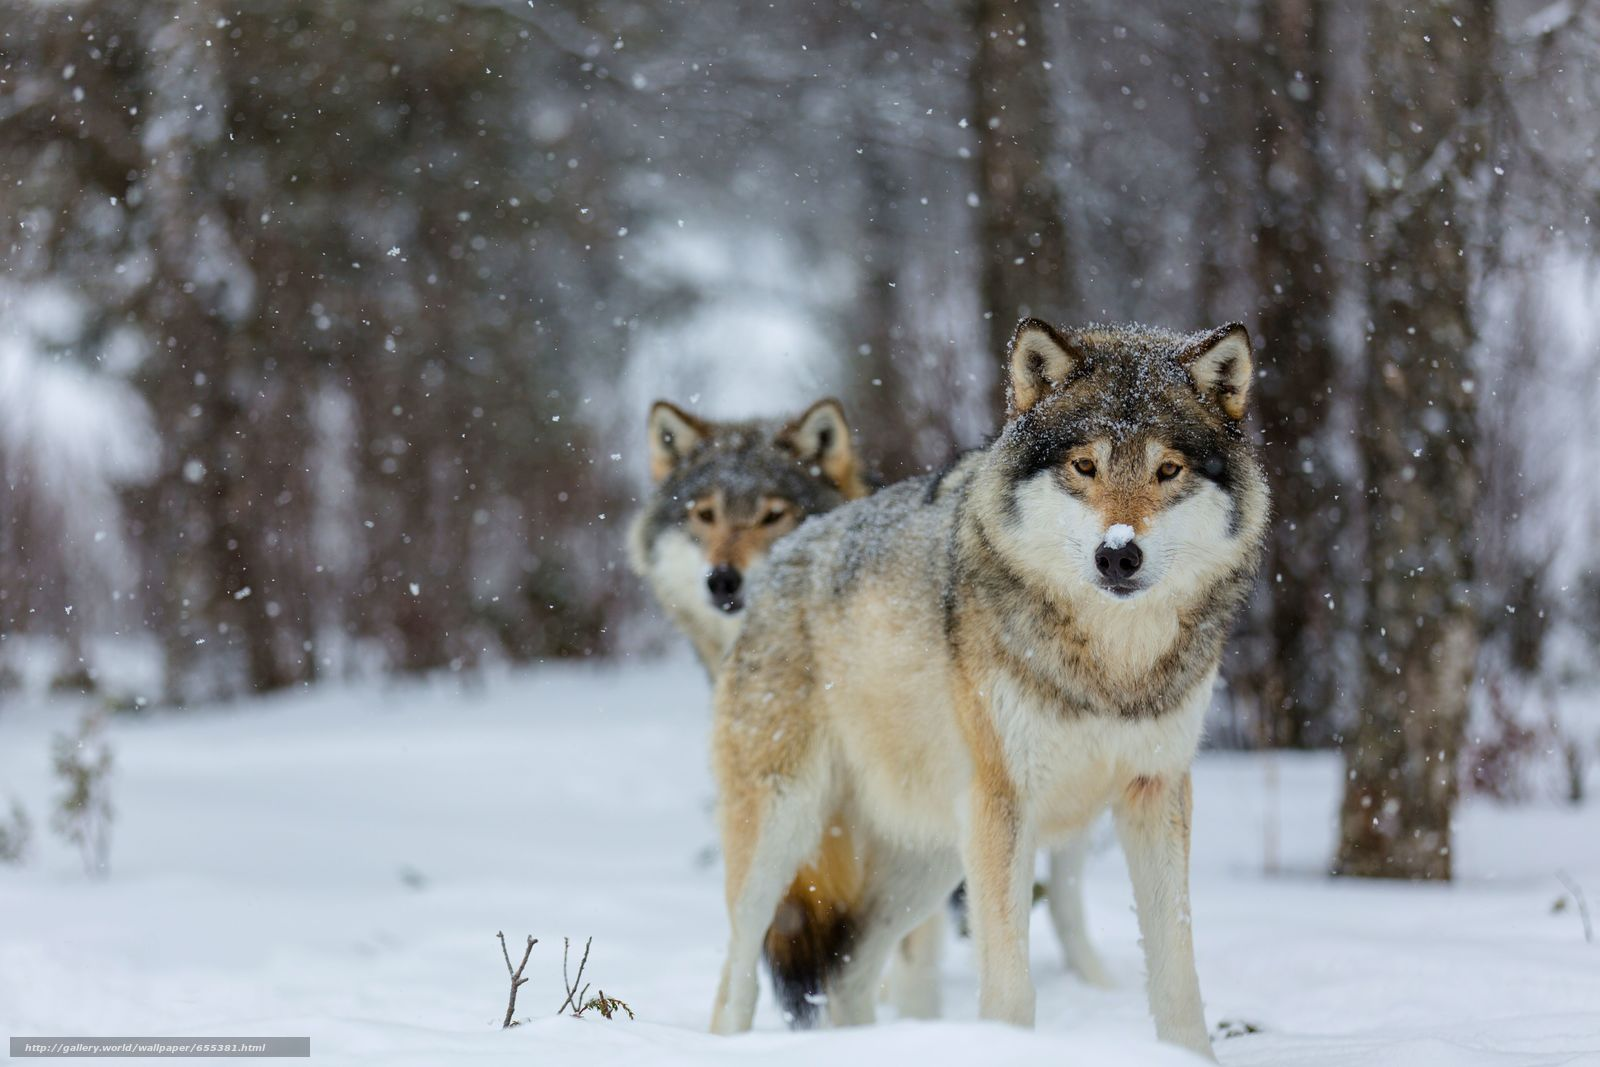 Scaricare gli sfondi lupo lupi animali inverno sfondi for Immagini per desktop inverno